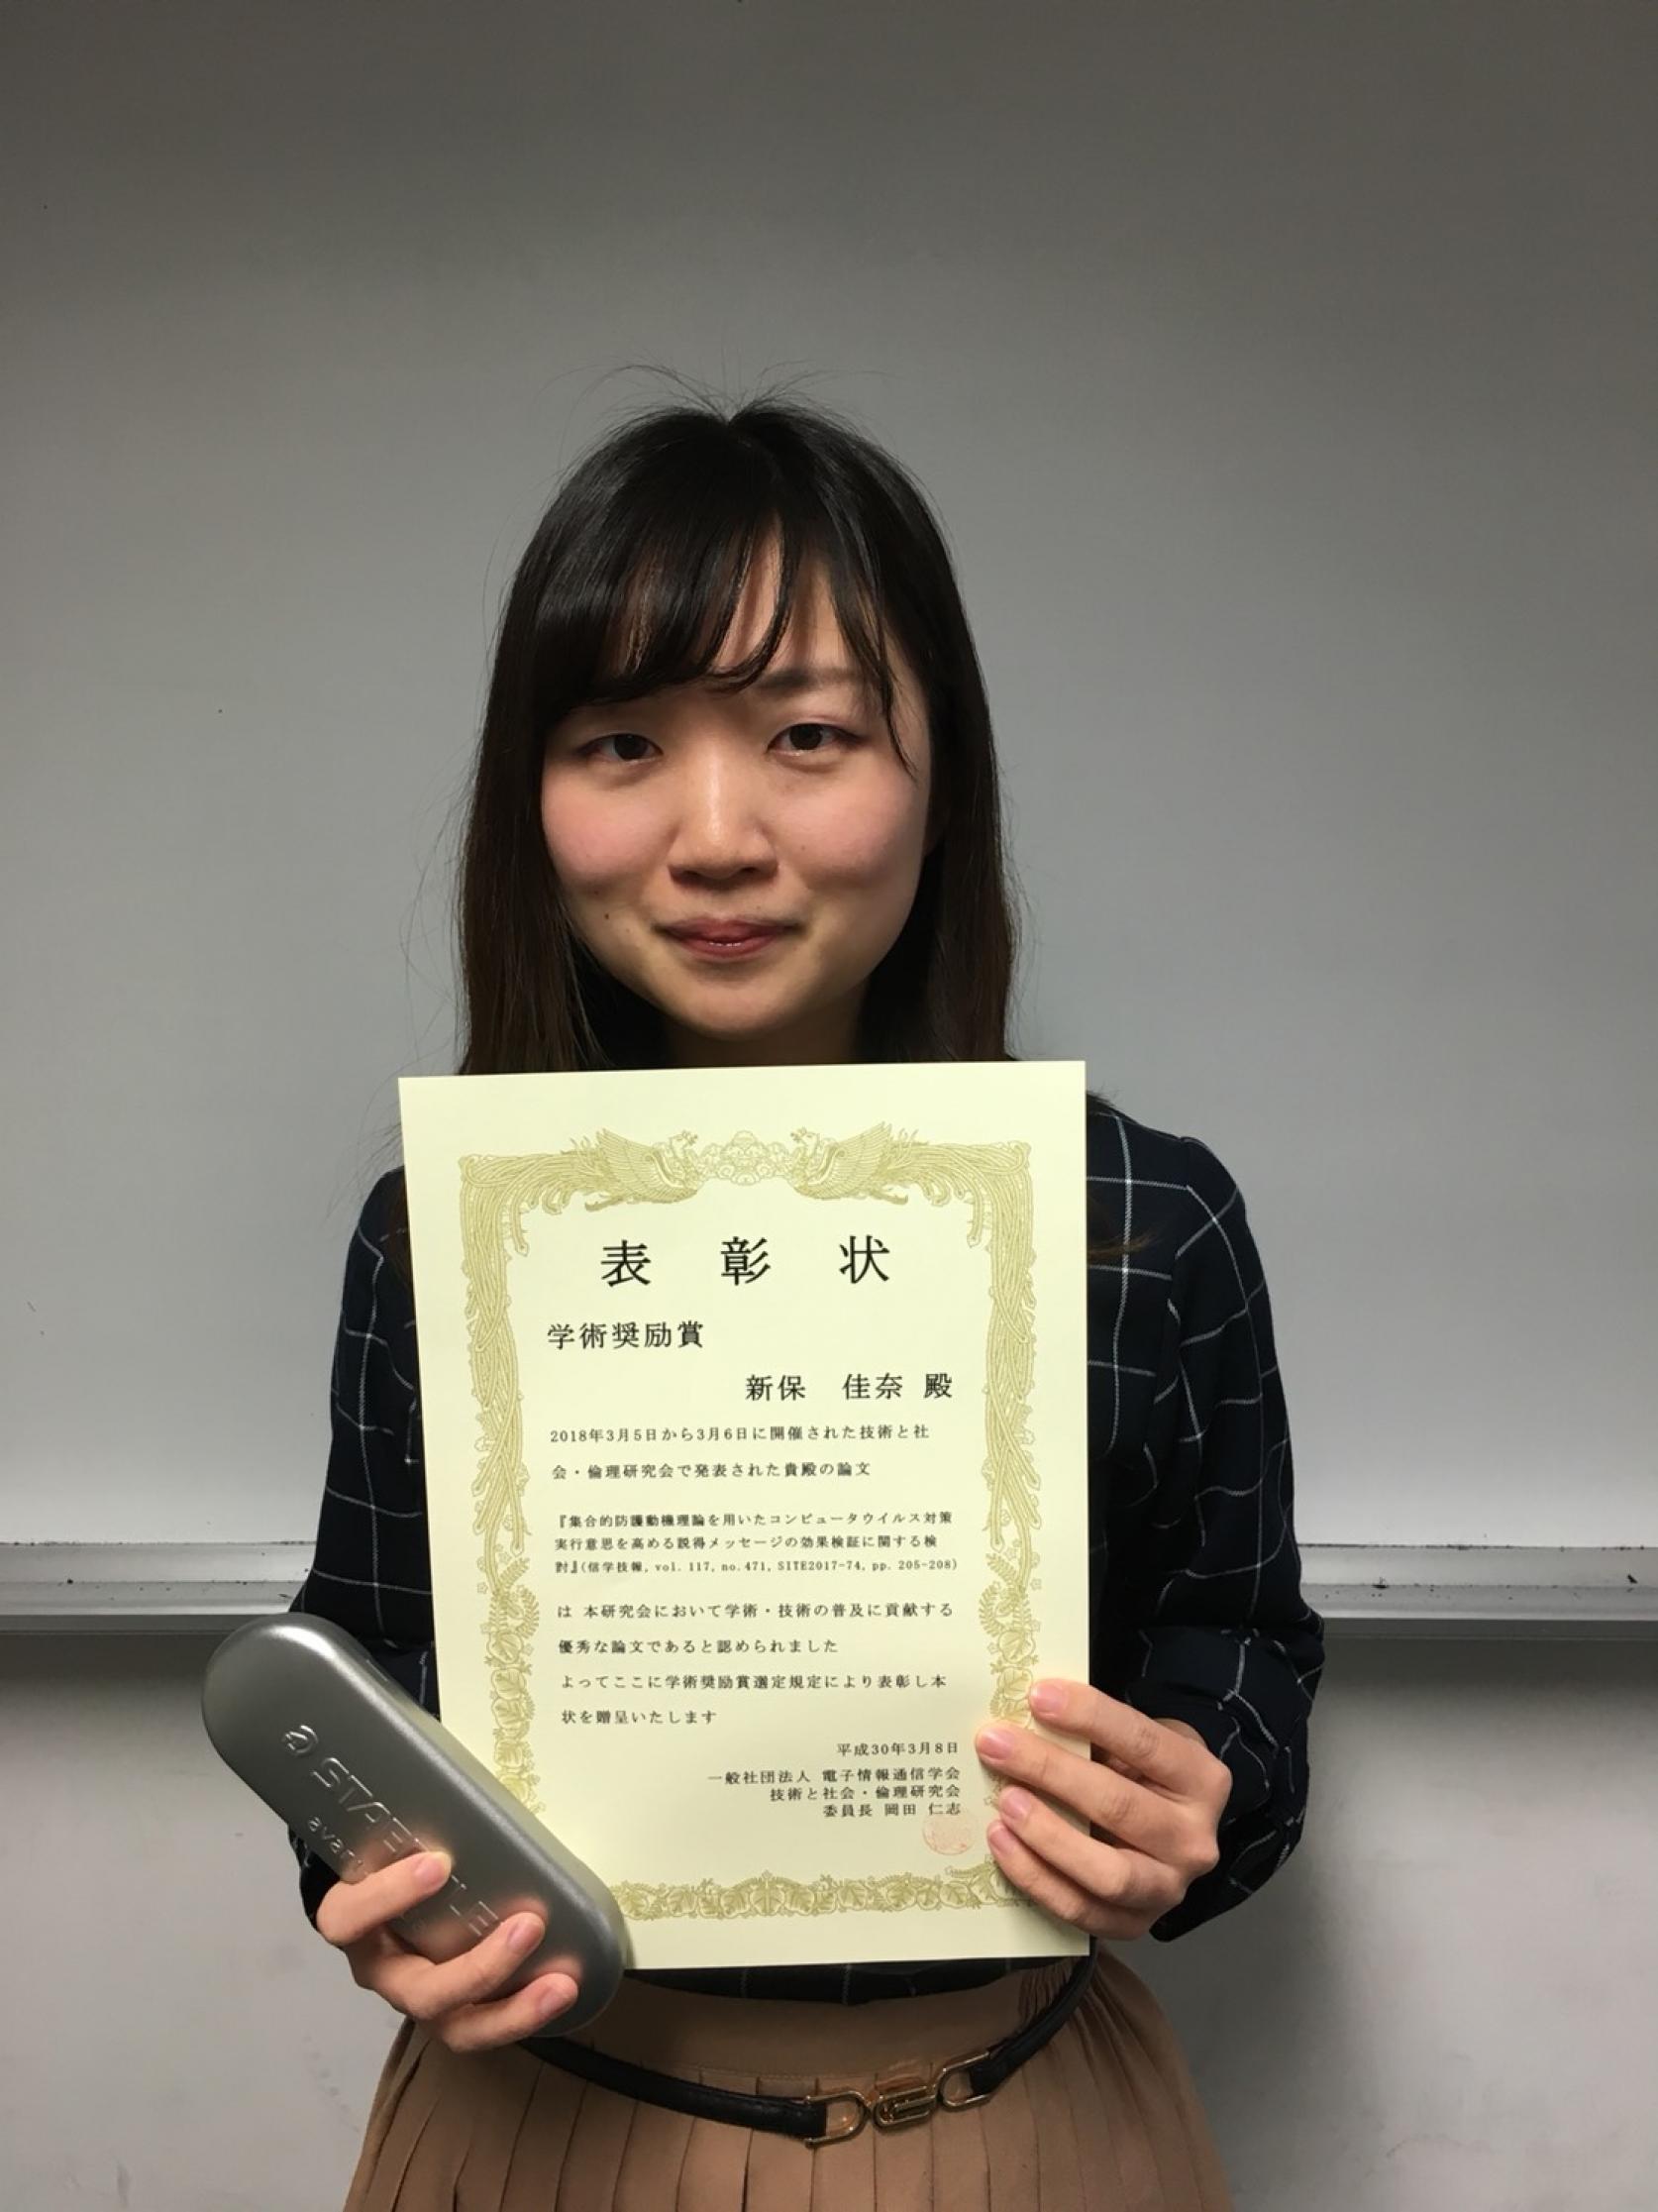 数学専攻1年の新保佳奈さんが「電子情報通信学会・技術と社会・倫理(SITE)研究会」において、学術奨励賞を受賞しました。